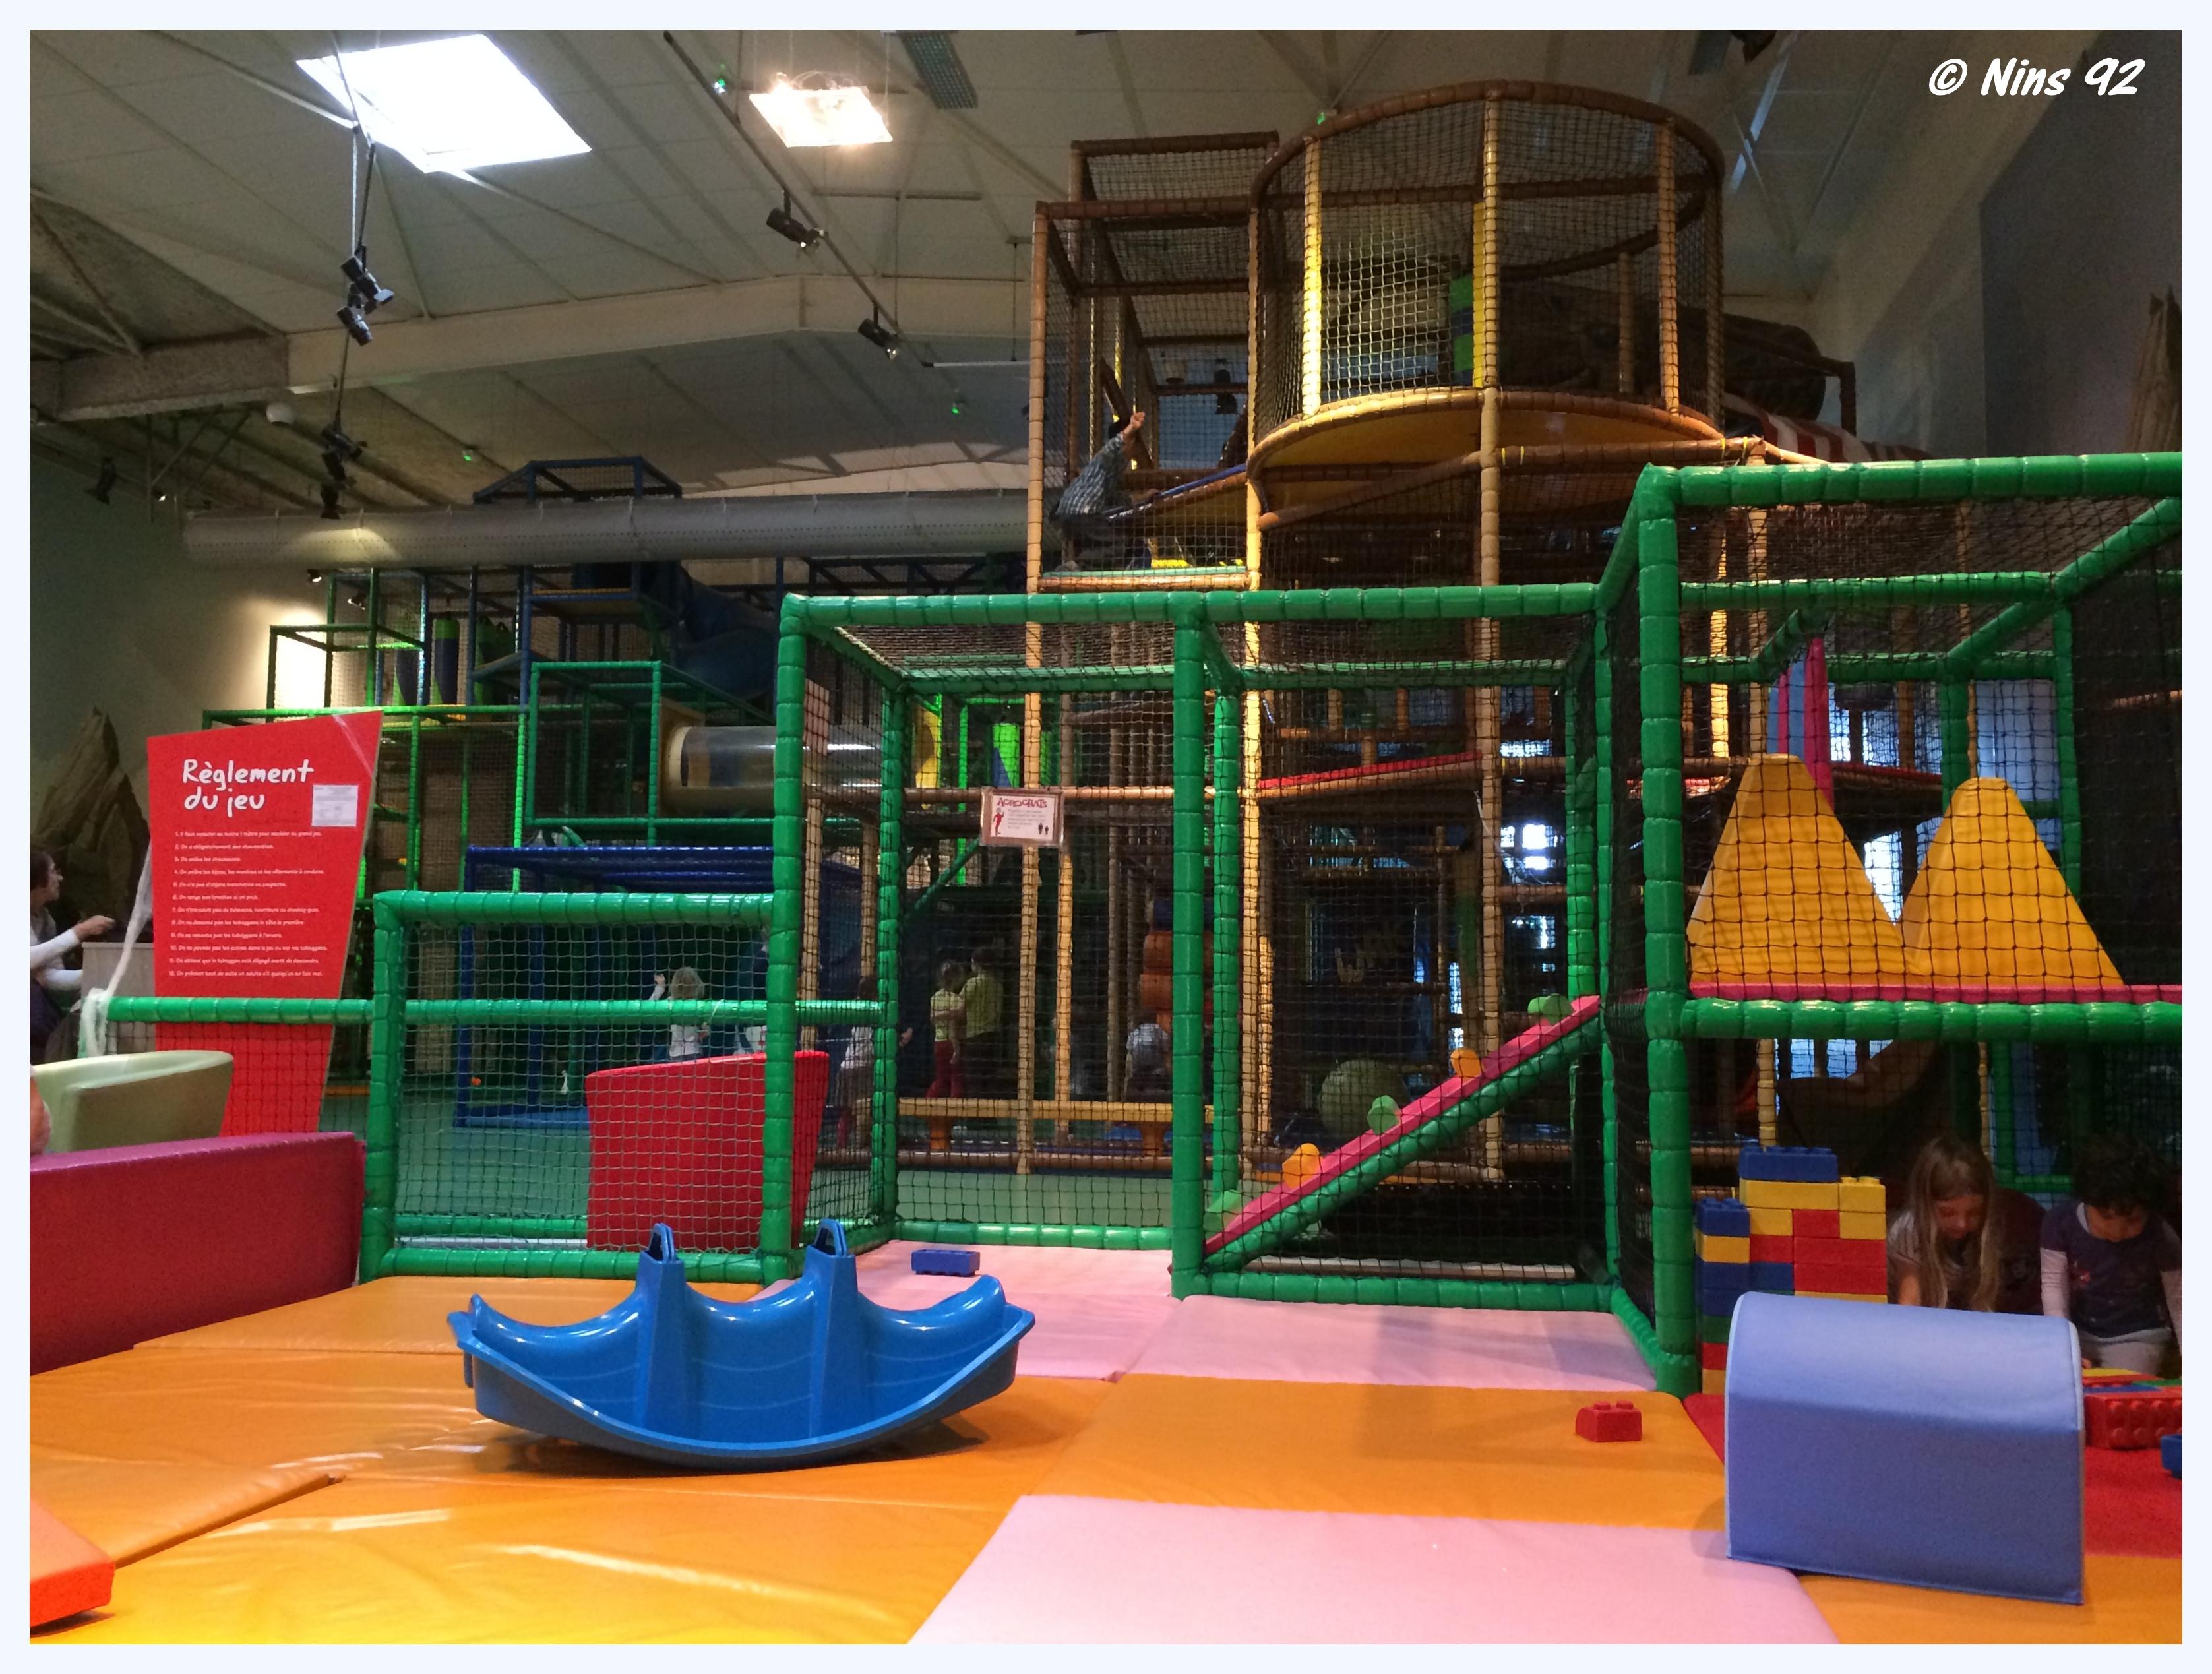 Divertissements loisirs sorties page 3 for Parc interieur pour enfant